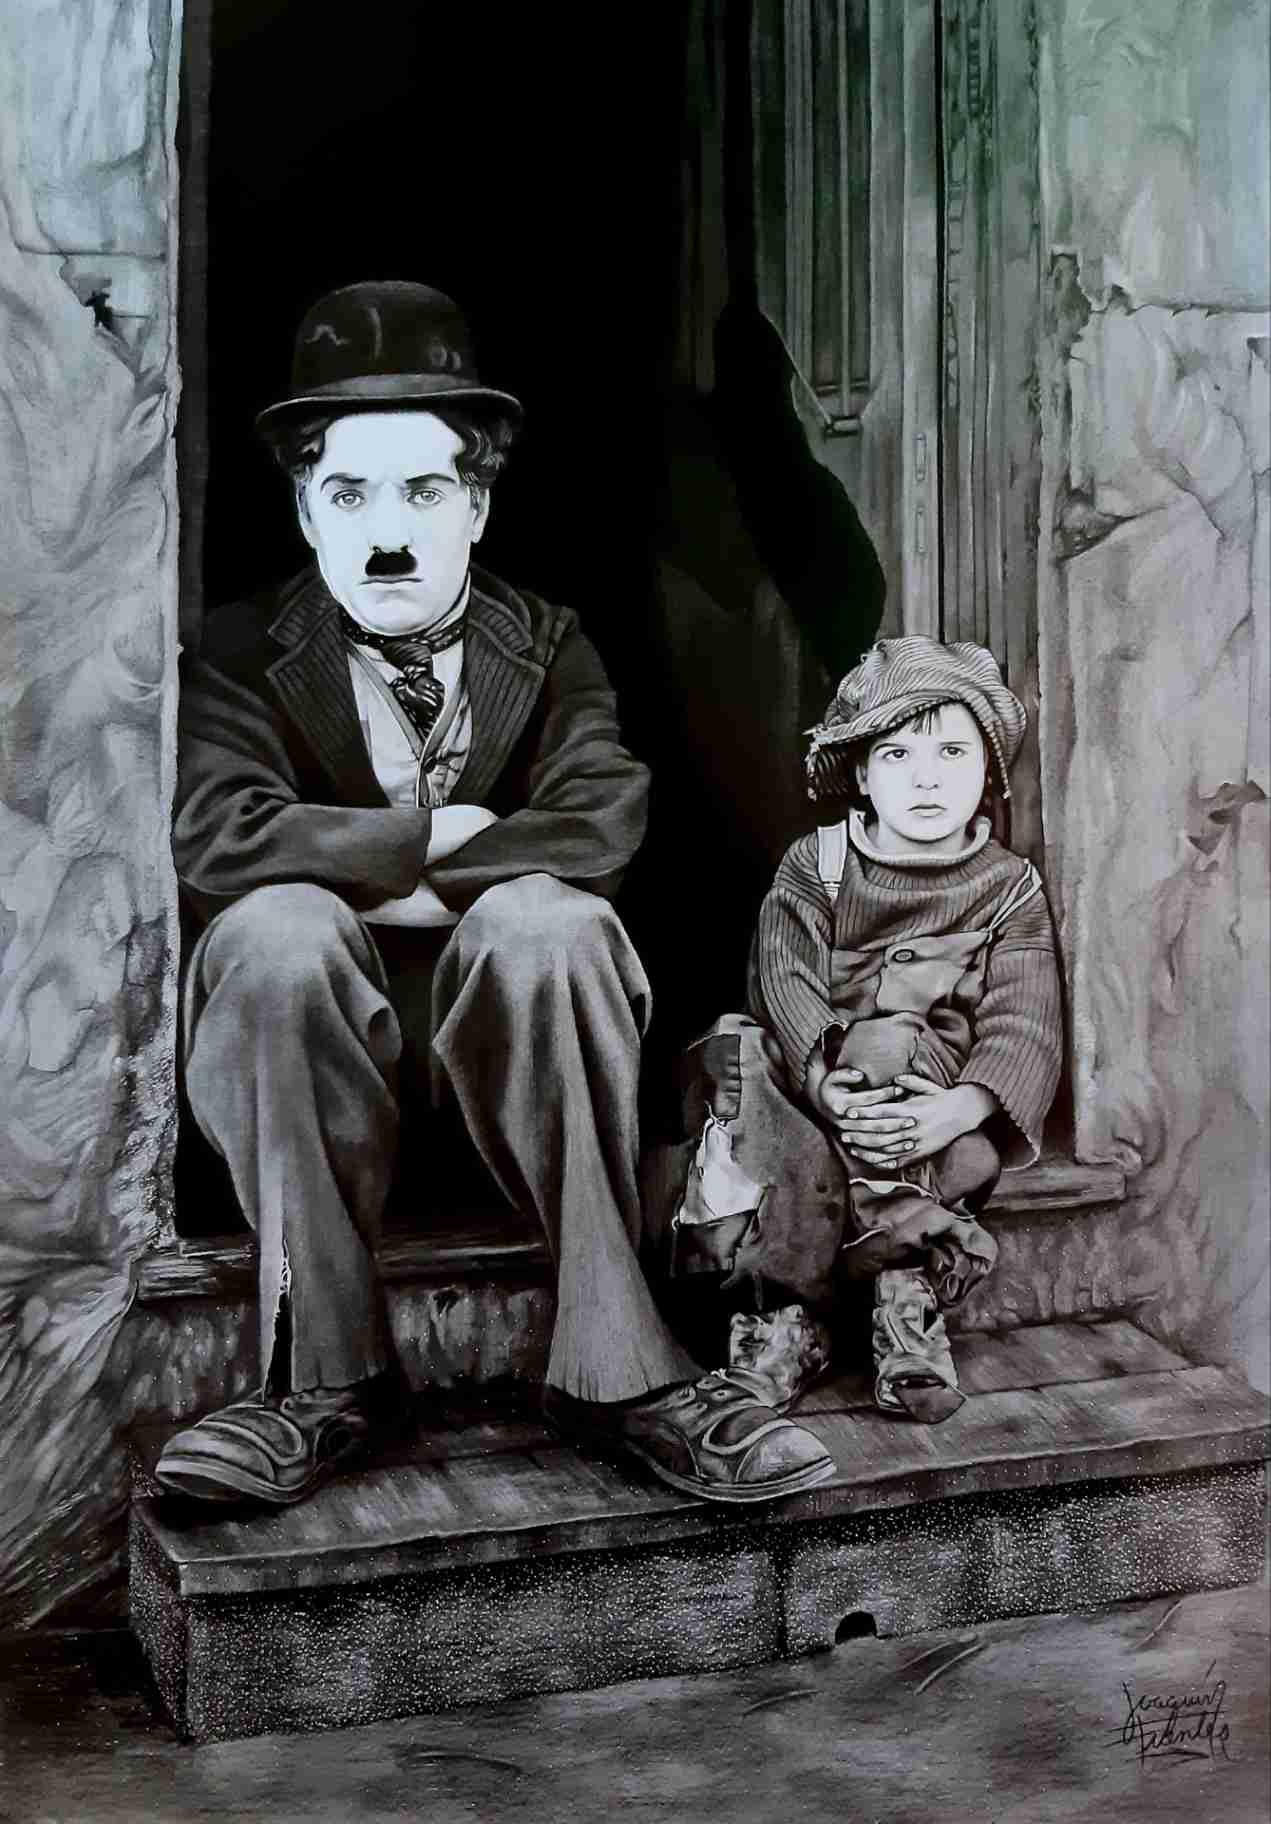 Obra: Chaplin